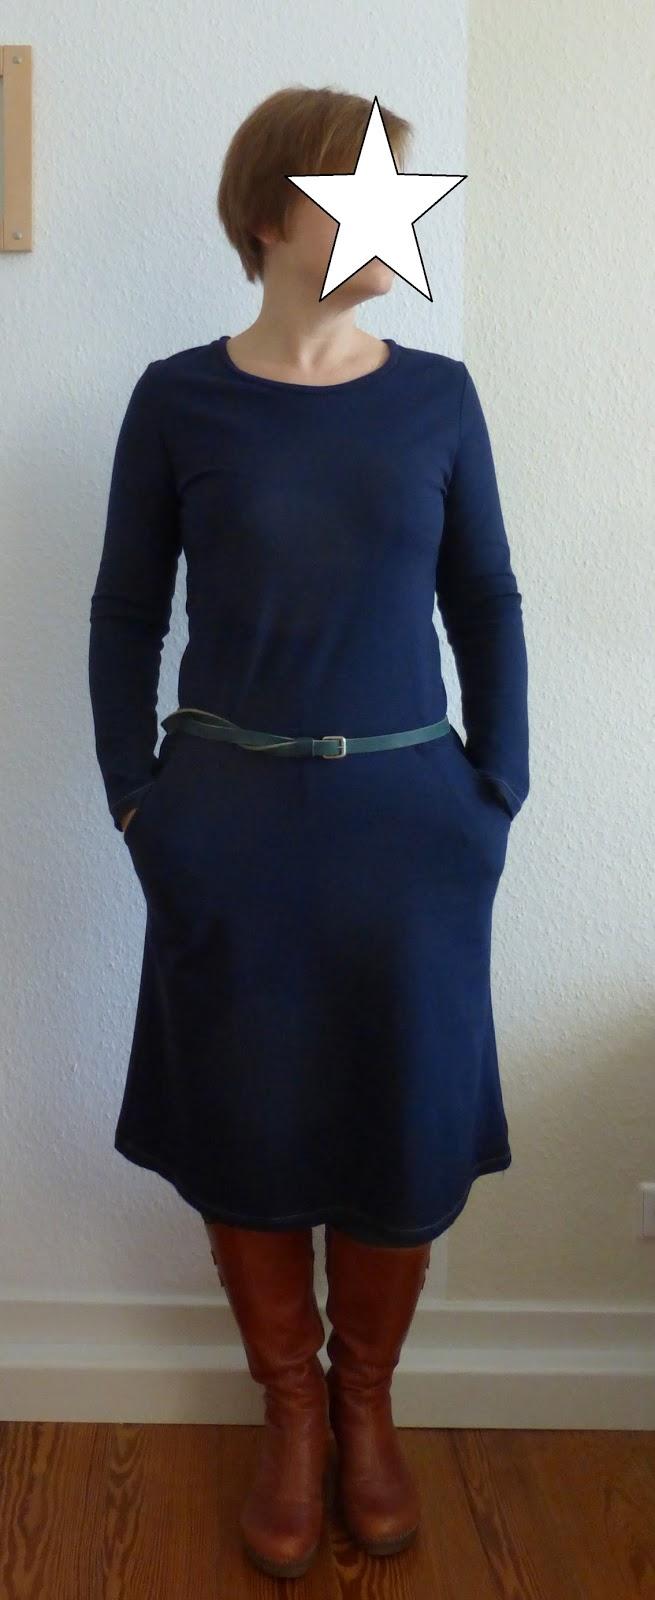 Kleidermanie: Frau Fannie braucht Anpassungen